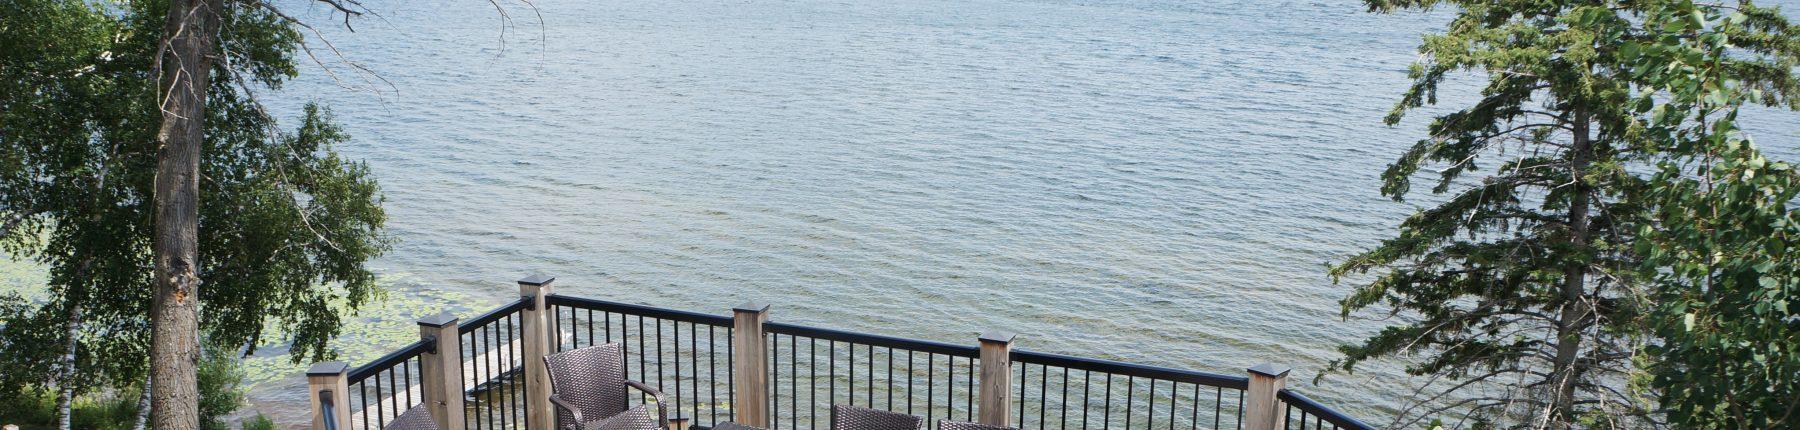 Lake House Deck View